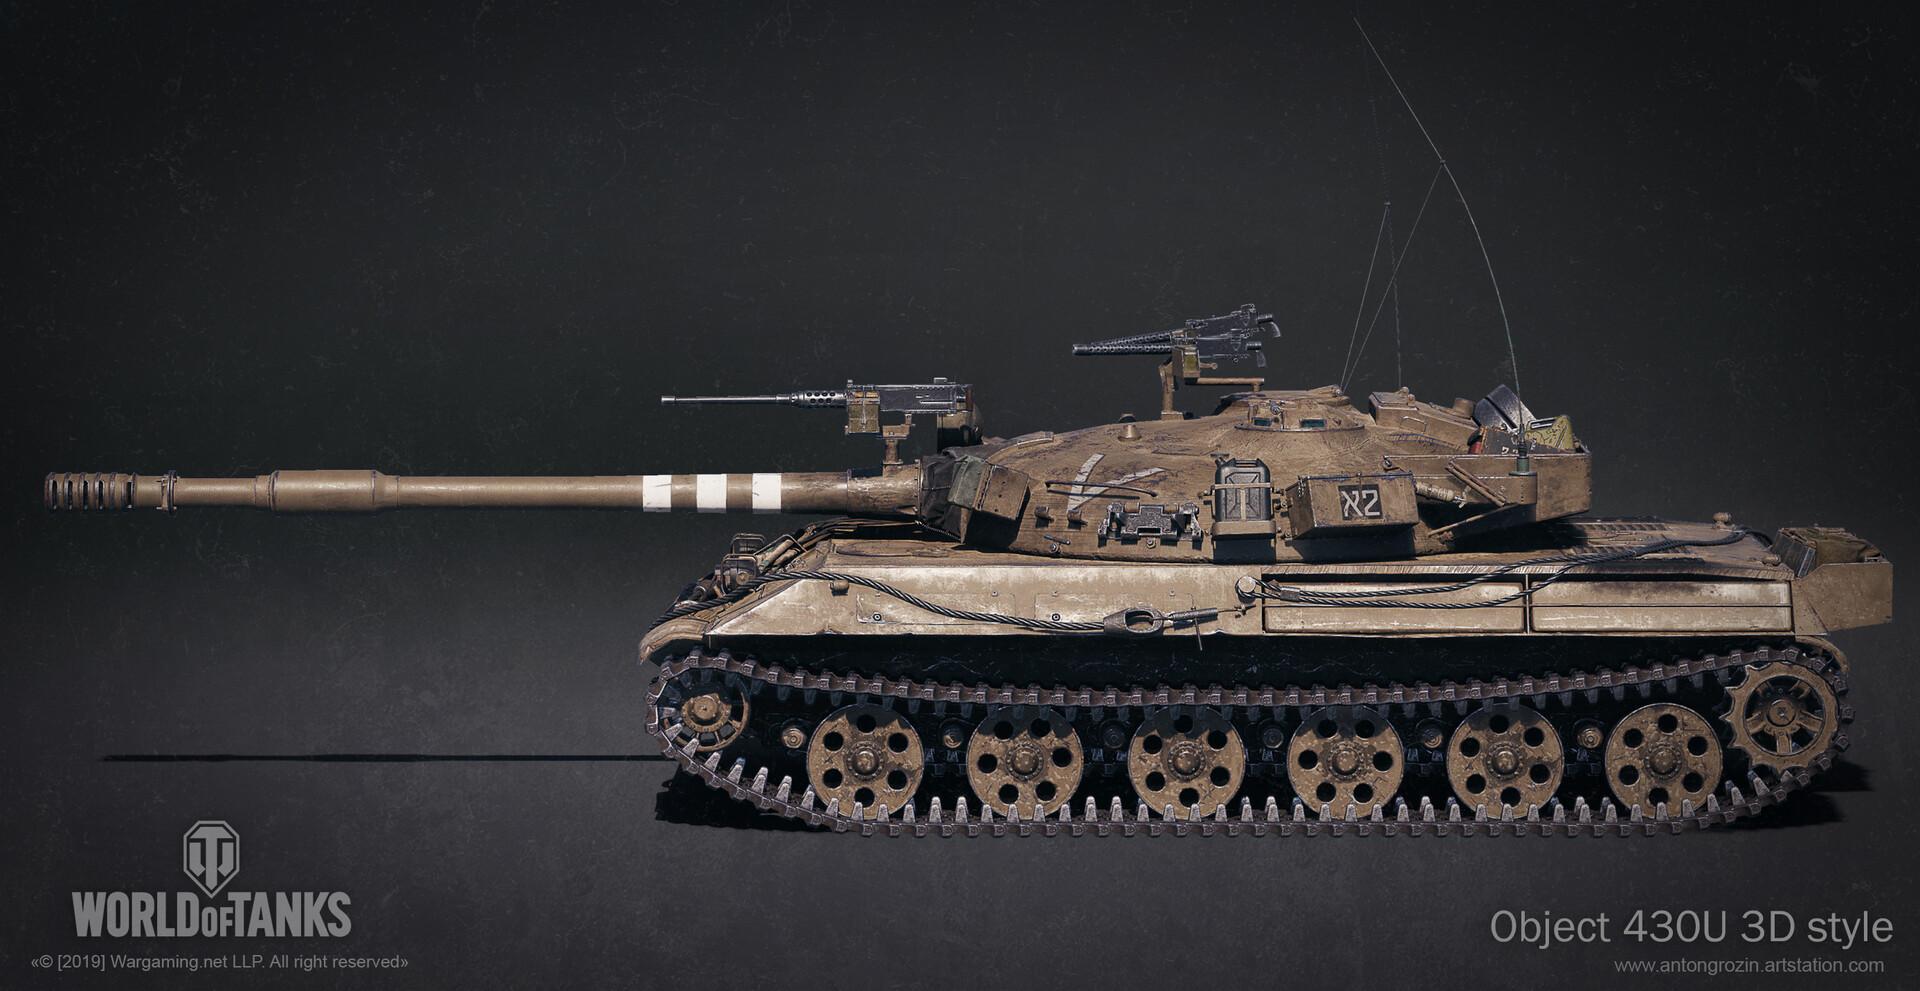 Anton-grozin-object-430u-3d-style-5